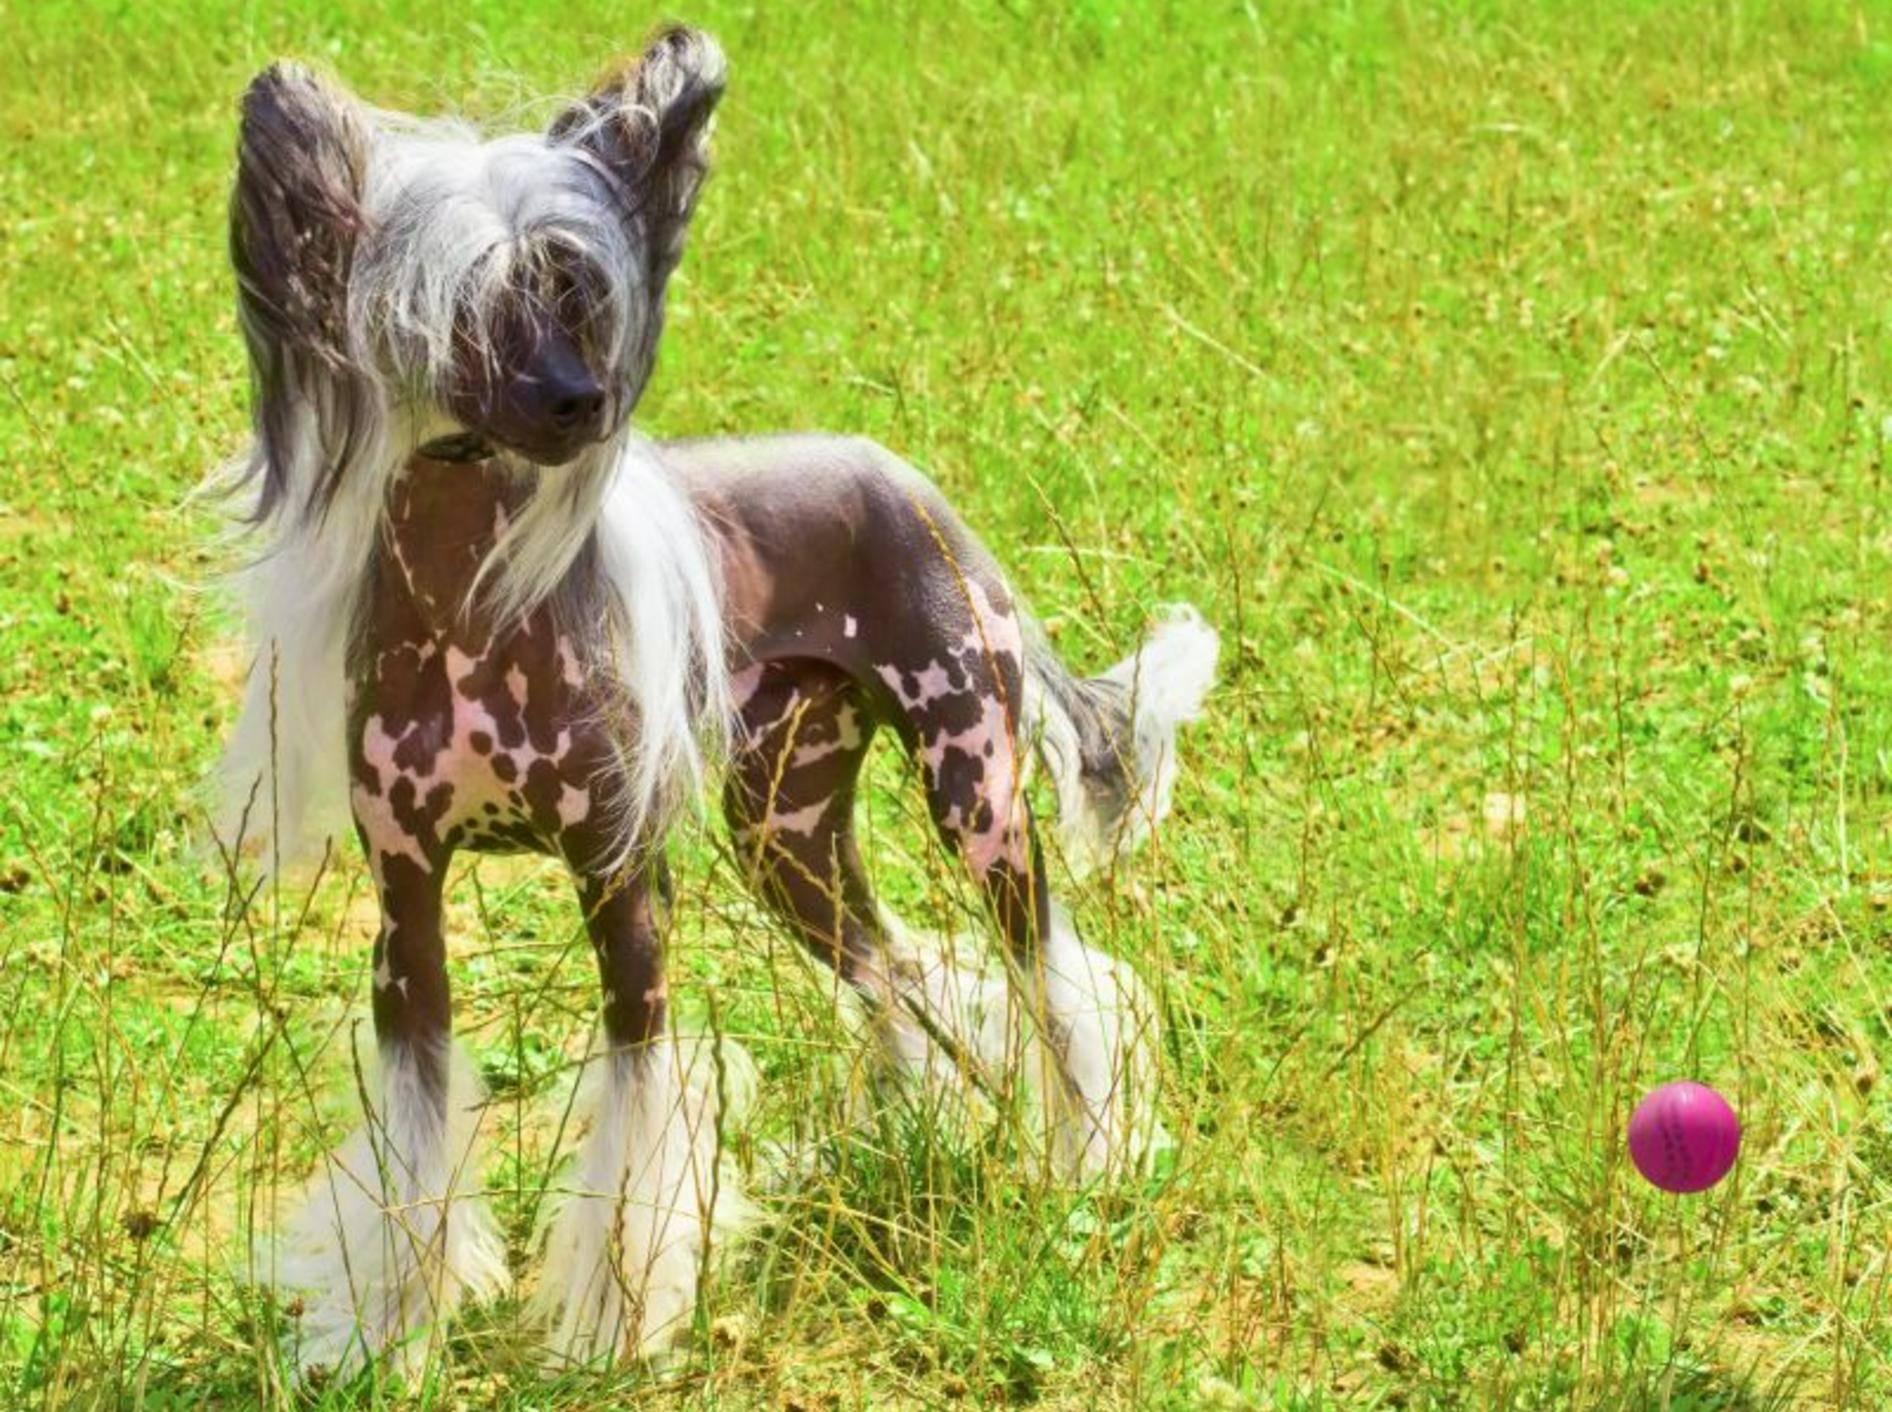 Ganz leicht zu erziehen: Der Chinesische Schopfhund – Bild: Shutterstock / kavalenkava volha